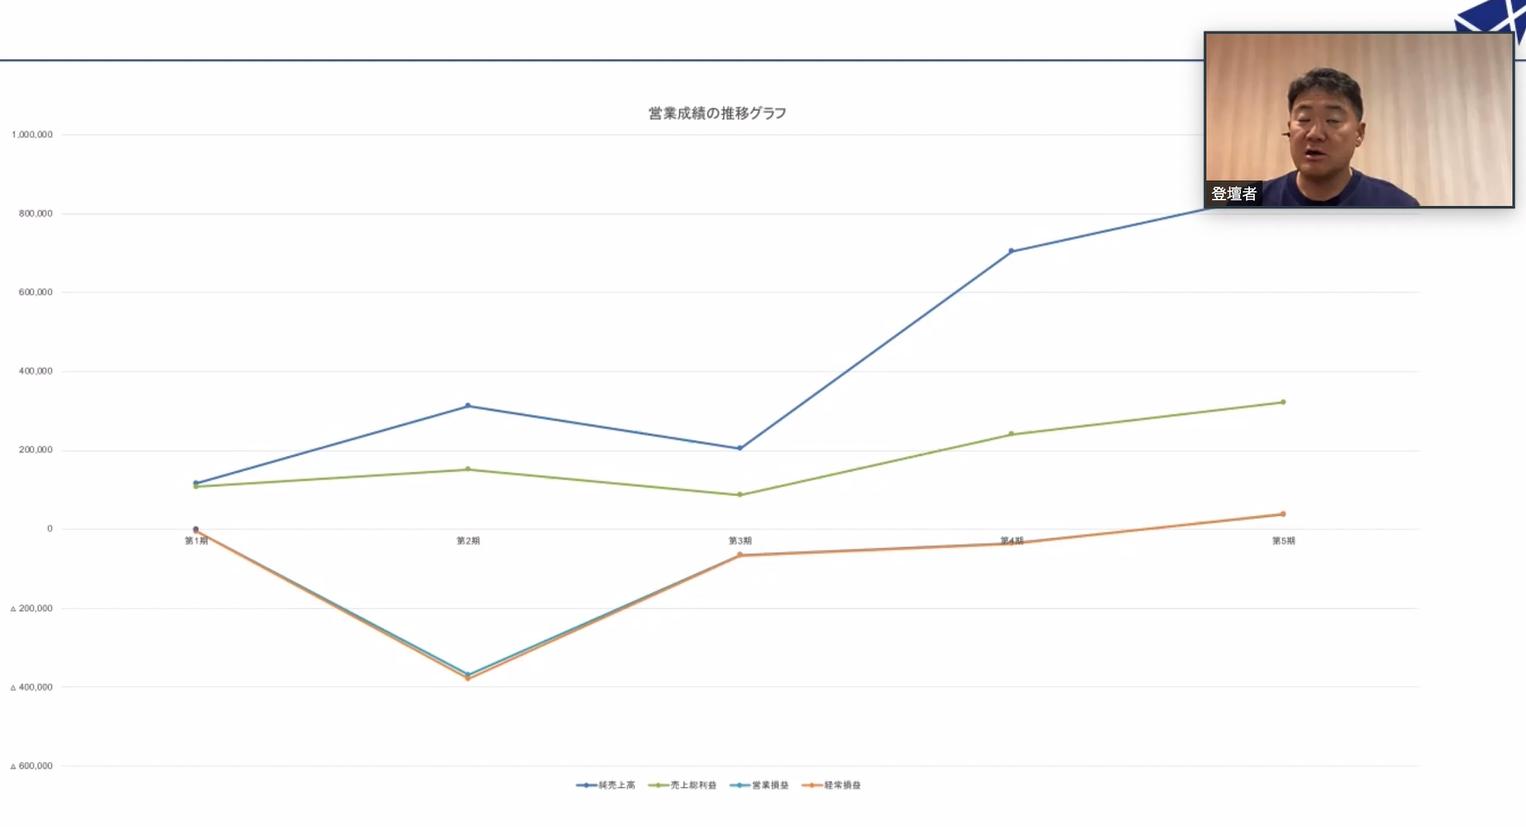 株式会社カーセブンディベロプメント 営業成績の推移グラフ